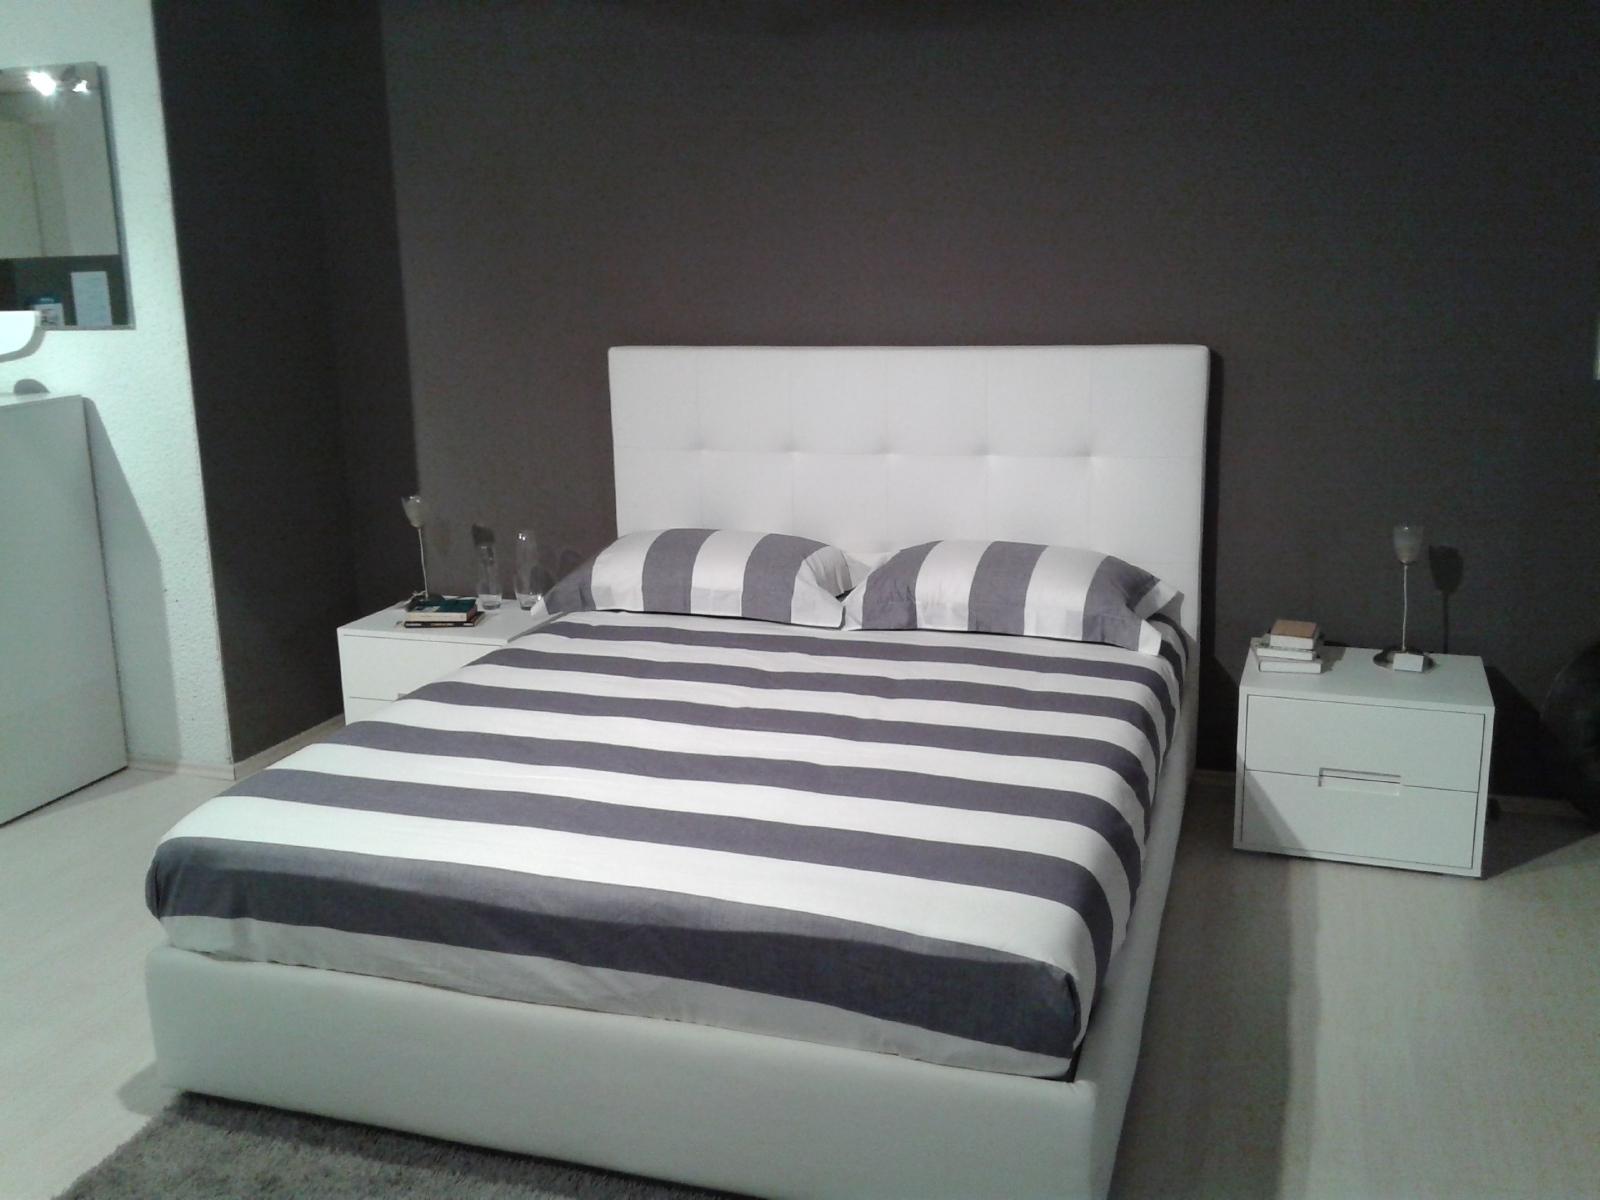 Letto biba letto modello veles in ecopelle bianca letti for Letto in ecopelle